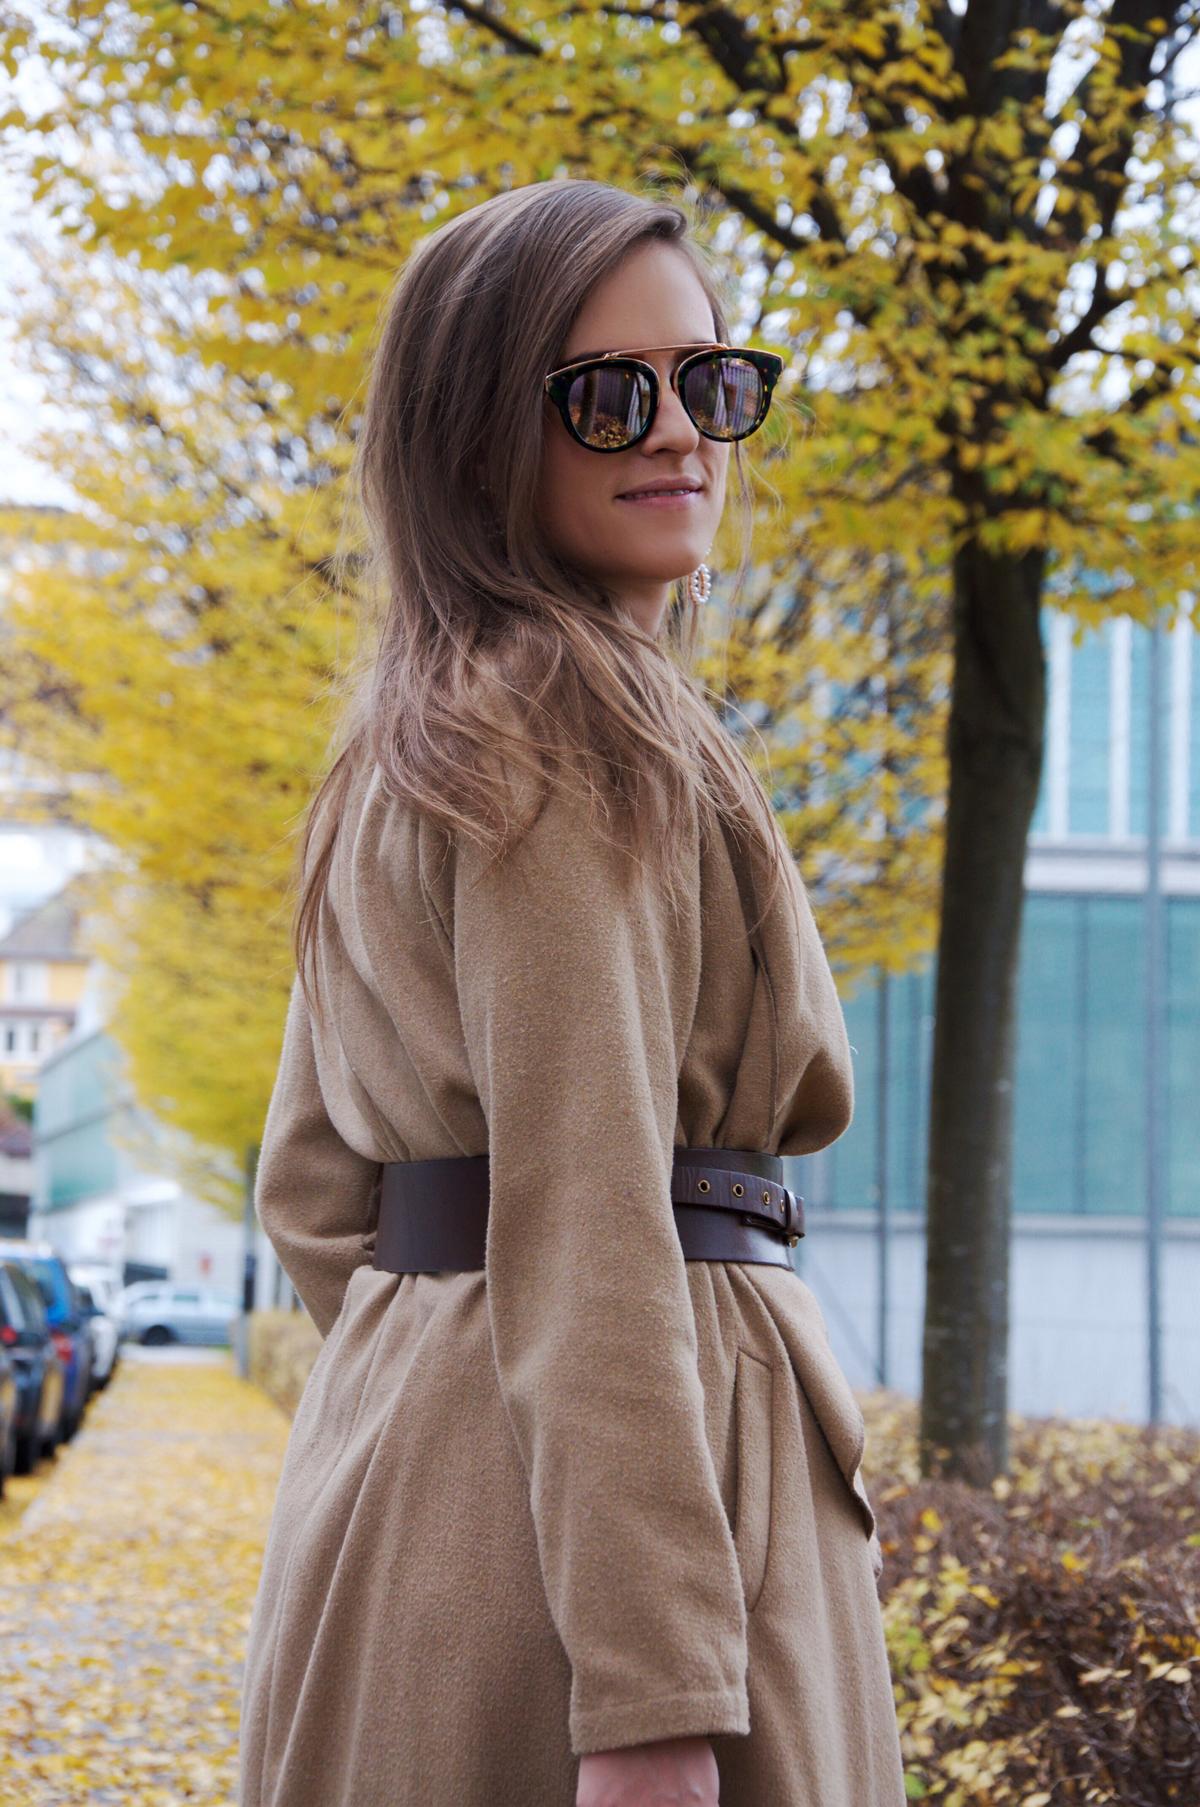 Andrea Steiner vom Mode- und Style blog Strawberries und Champagne zeigt neue Mode für den Herbst.